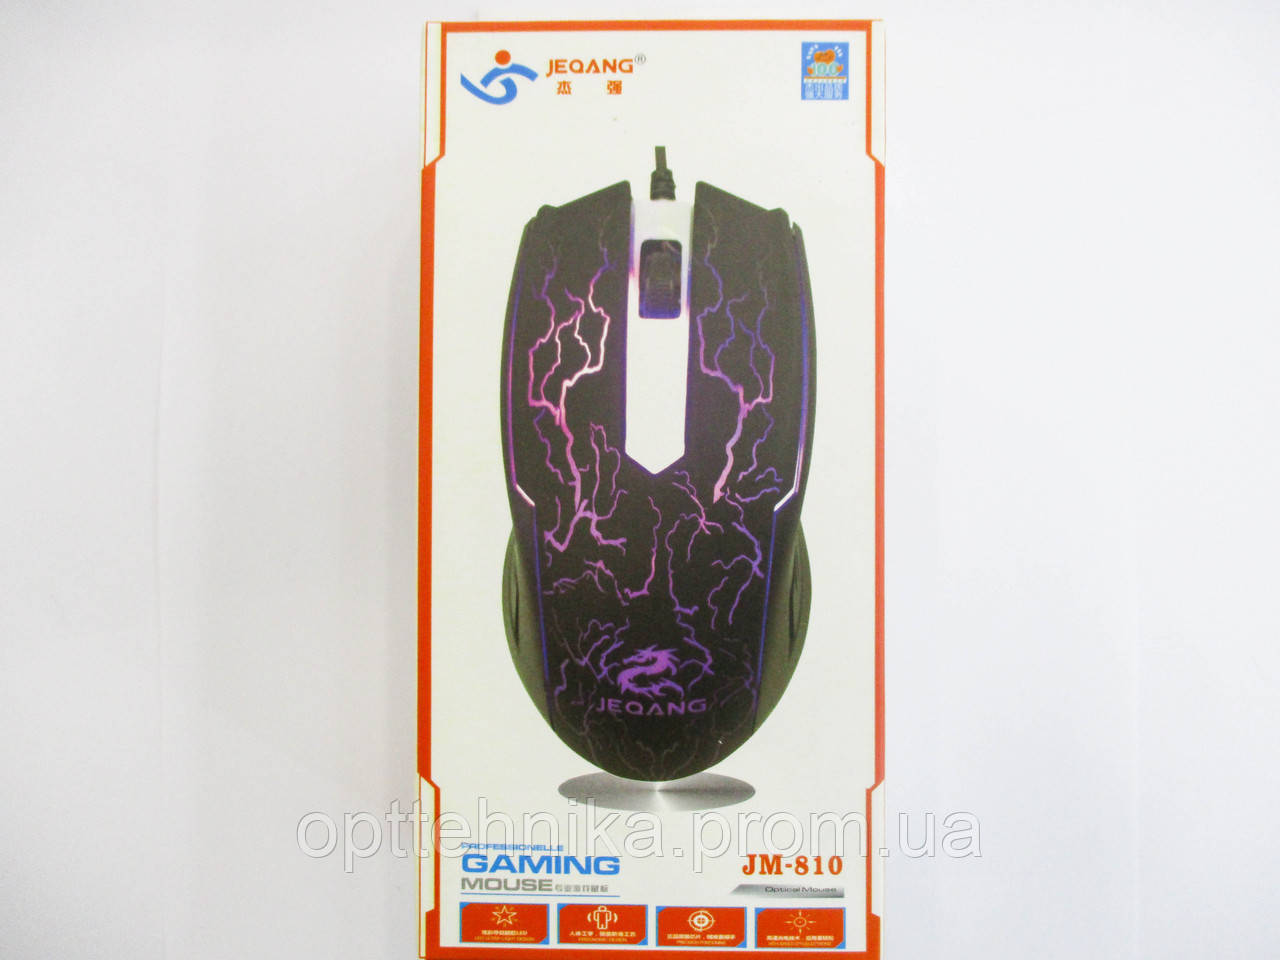 Мышка компьютерная проводная JEQANG Gaming Mouse JM-810